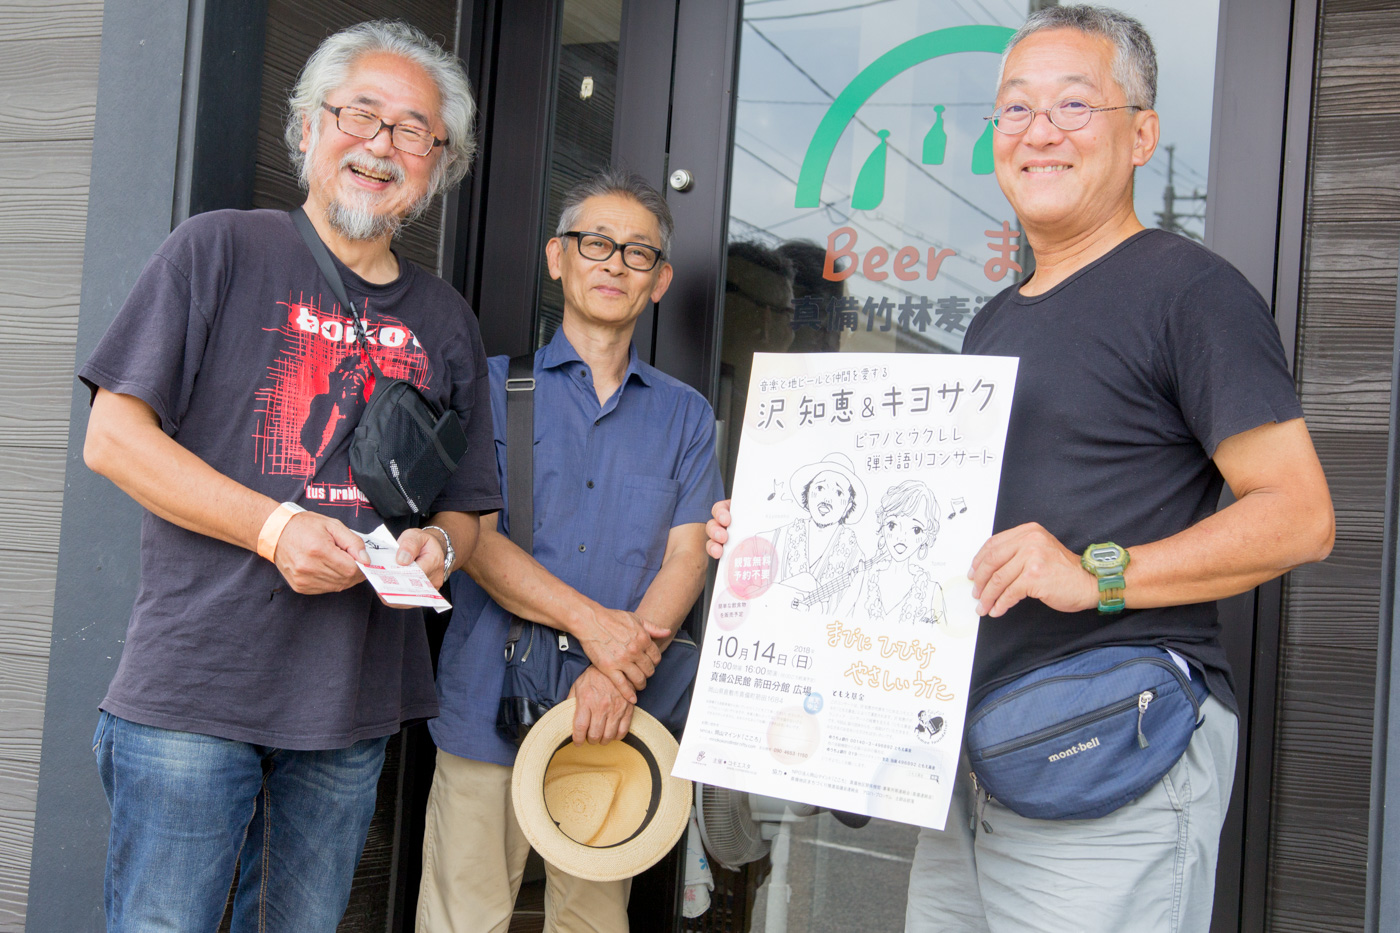 仲間と音楽とビールで復興を!西日本豪雨被災地に支援金を届けてきました